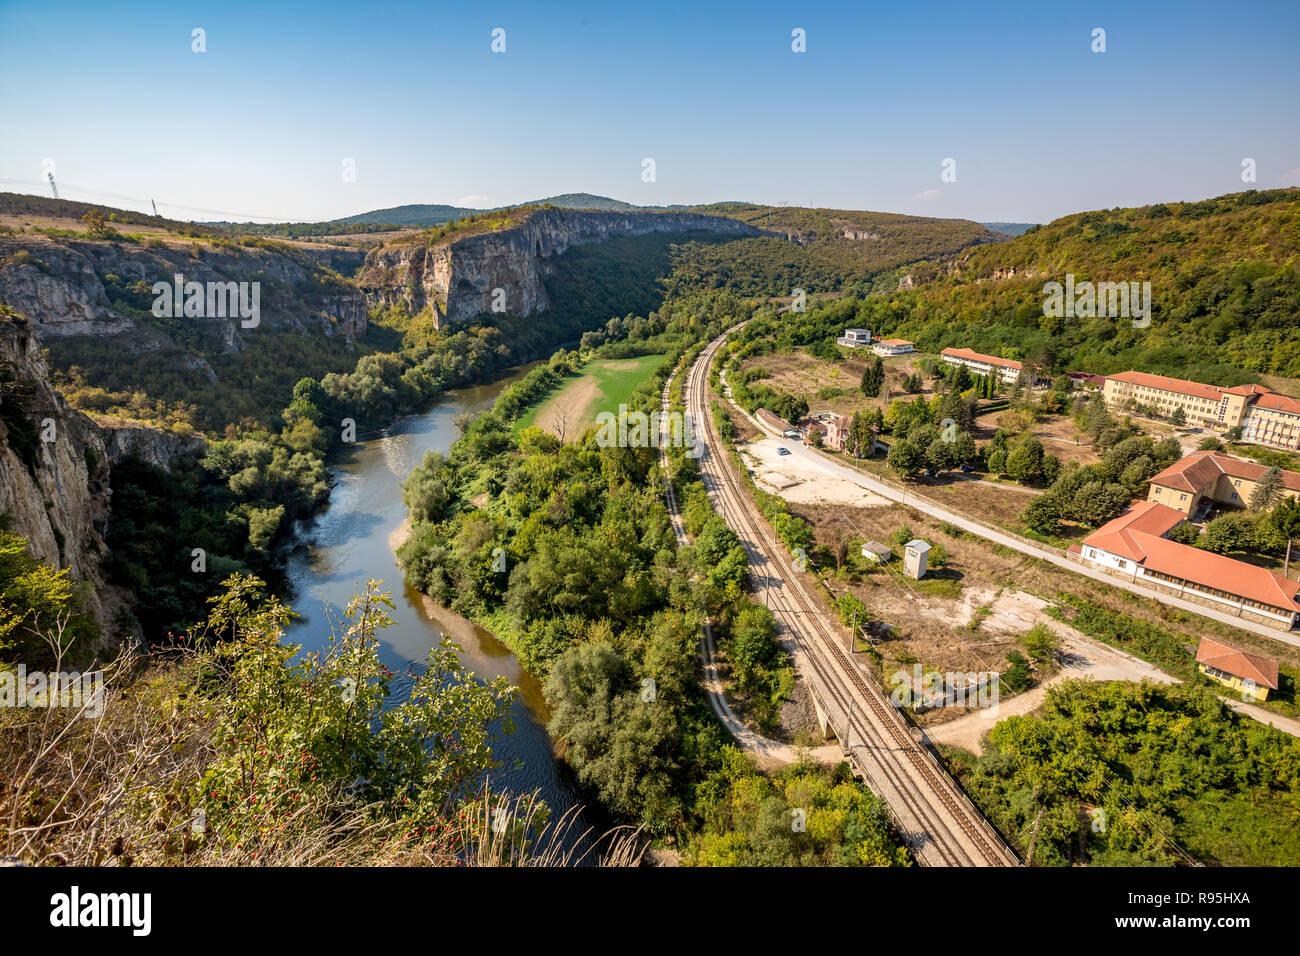 Lange leere Bahn in der Nähe der psychiatrischen Klinik in der Nähe von Karlukovo, nördlichen Bulgarien im sonnigen Herbsttag, Landschaft von hoch oben mit Iskar Fluss auf Stockbild